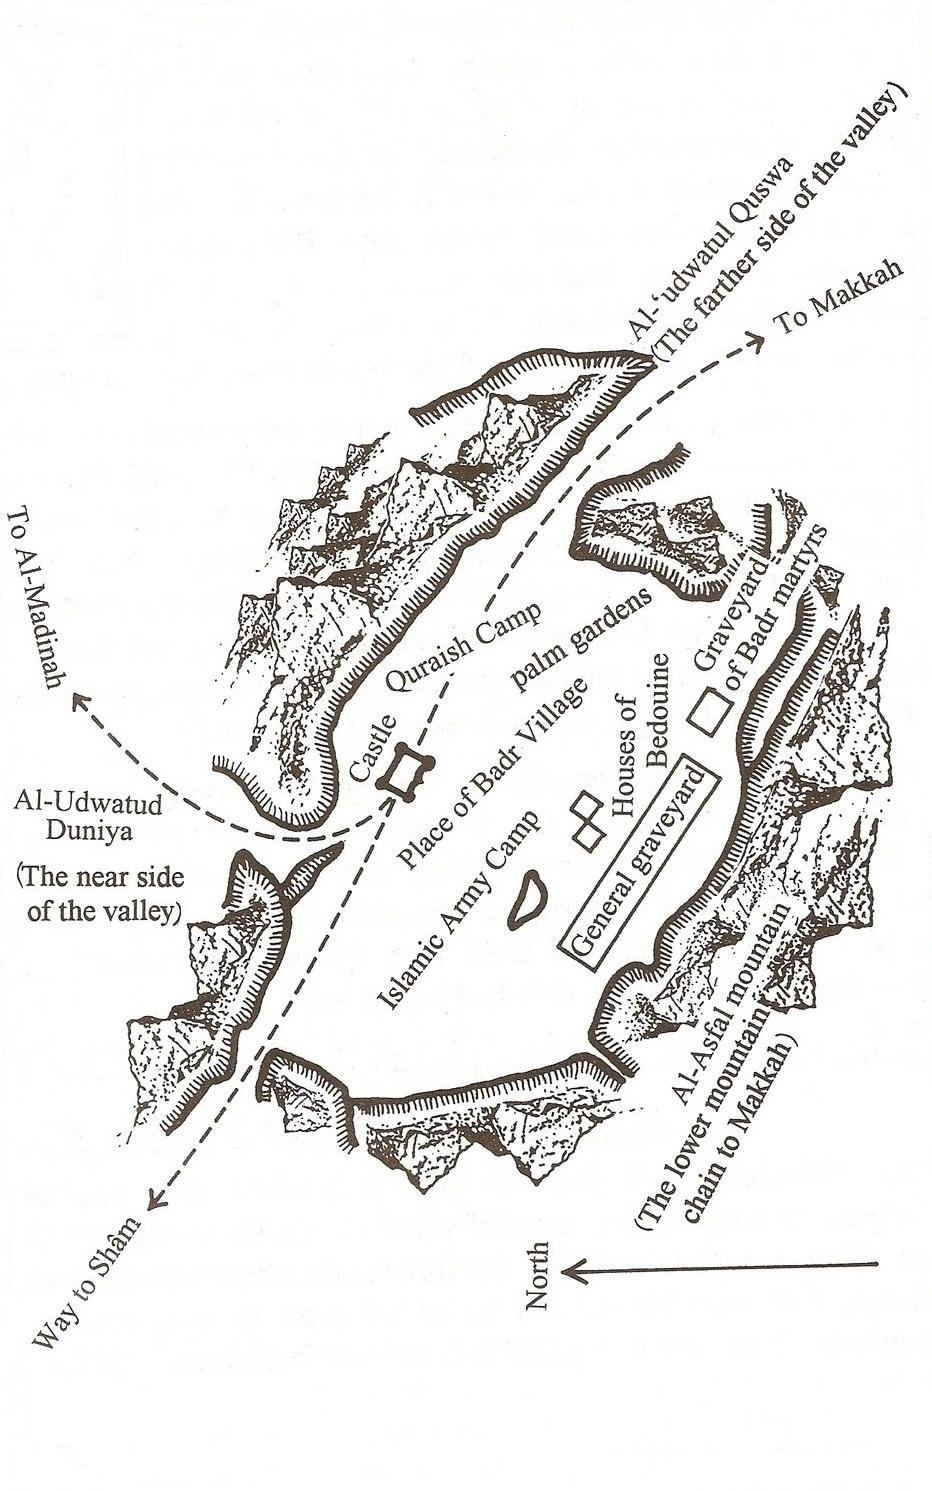 σχεδιάγραμμα μάχης